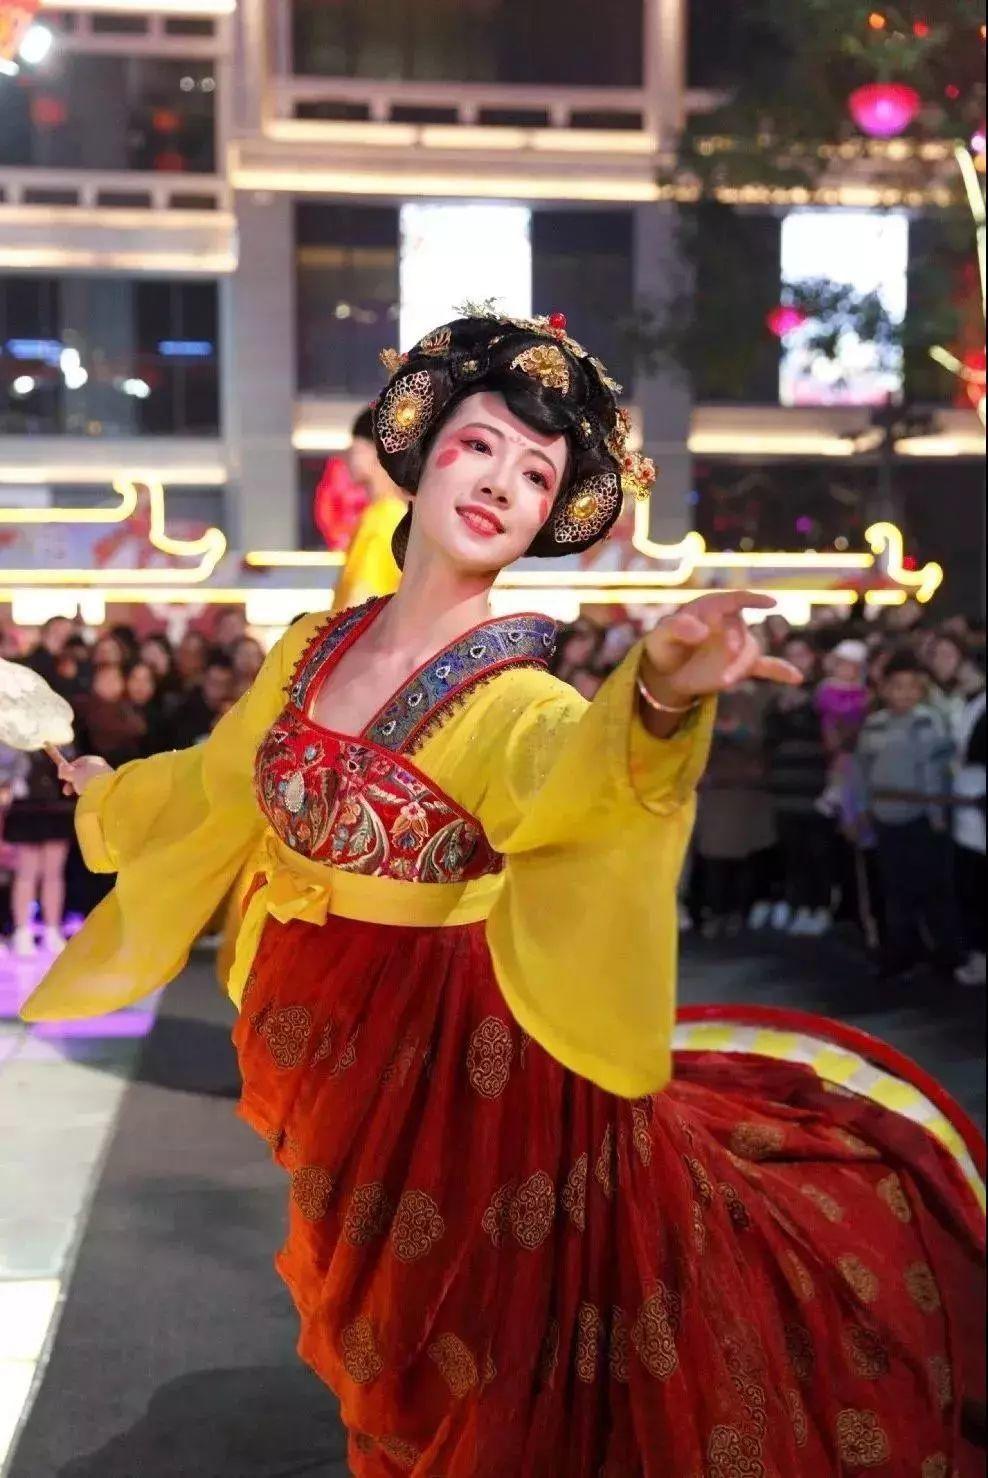 阿胶世界-春节出游丨带着家人一起去阿胶世界picture Sheet-4